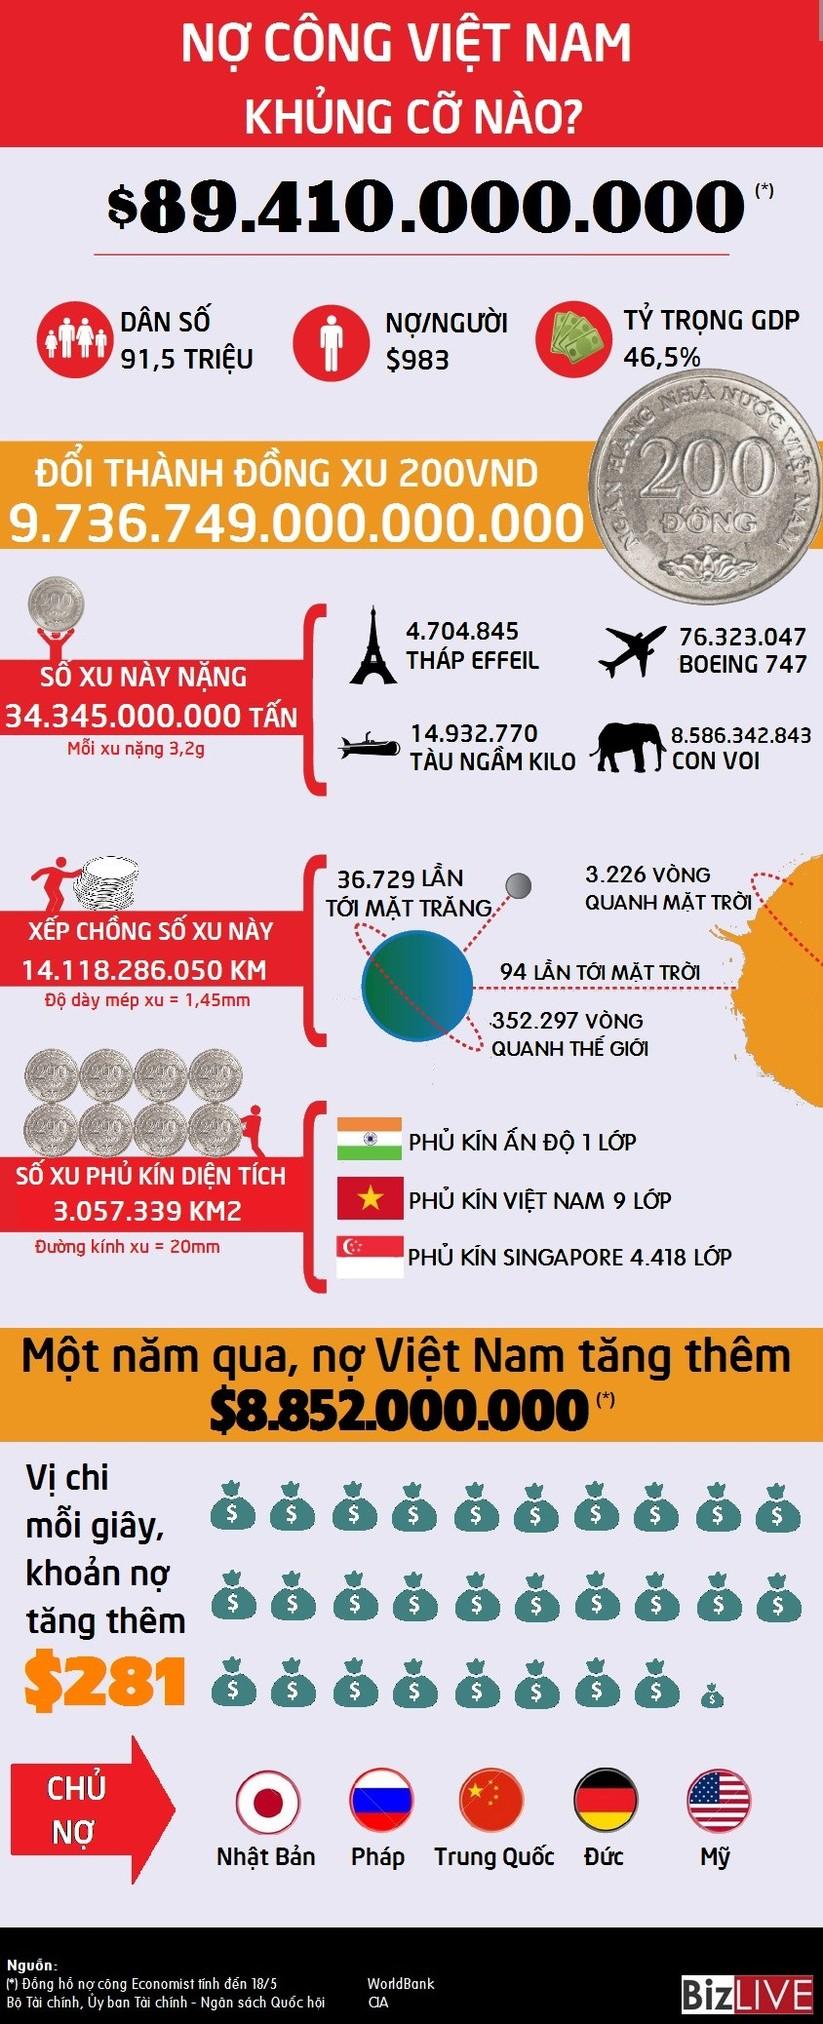 """Nợ công Việt Nam """"khủng"""" cỡ nào? ảnh 1"""